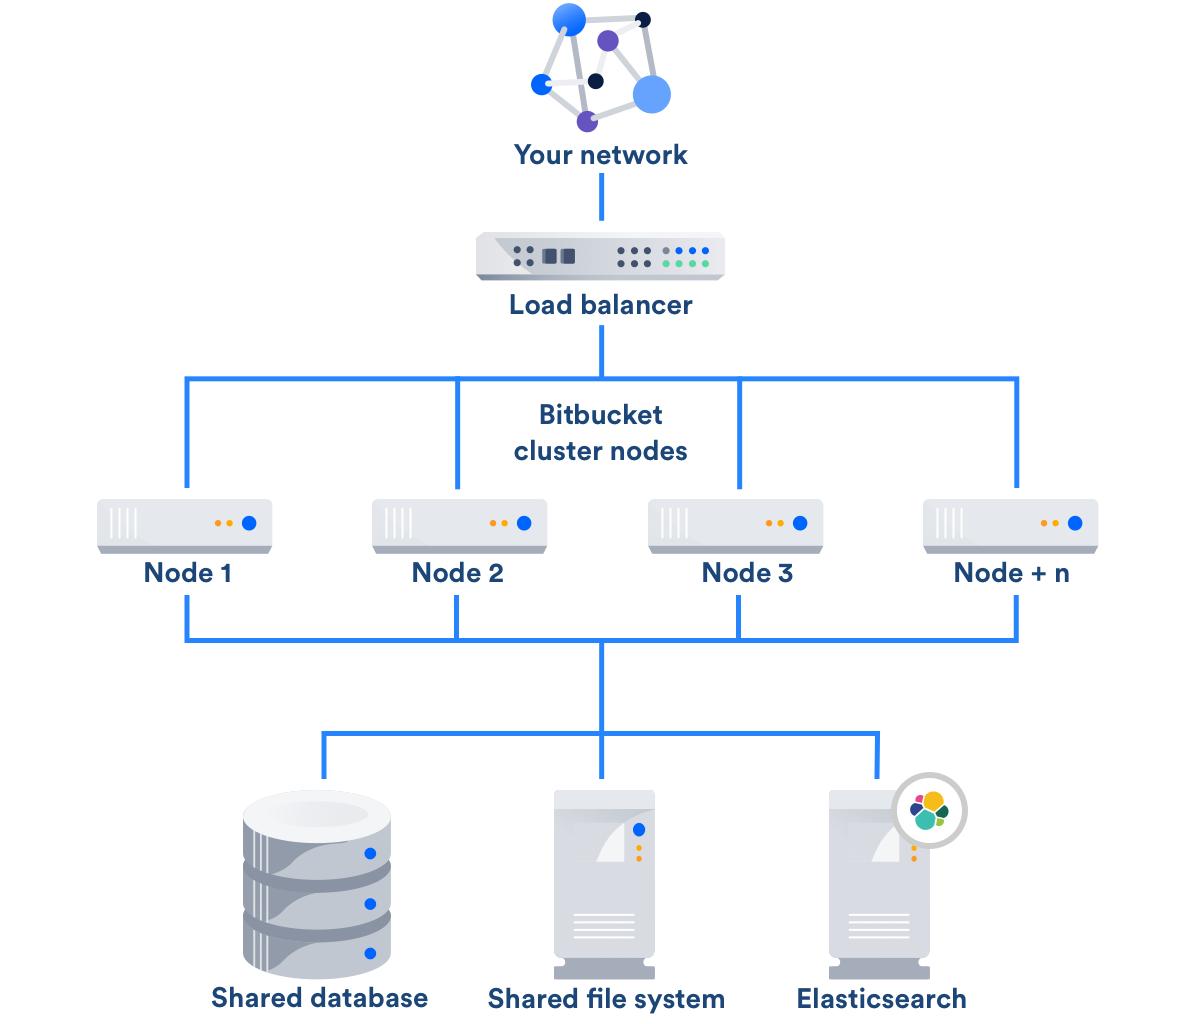 https://confluence.atlassian.com/enterprise/files/687022231/935393812/2/1503975140275/BitbucketDataCenter-4-node-architecture_diagram.png